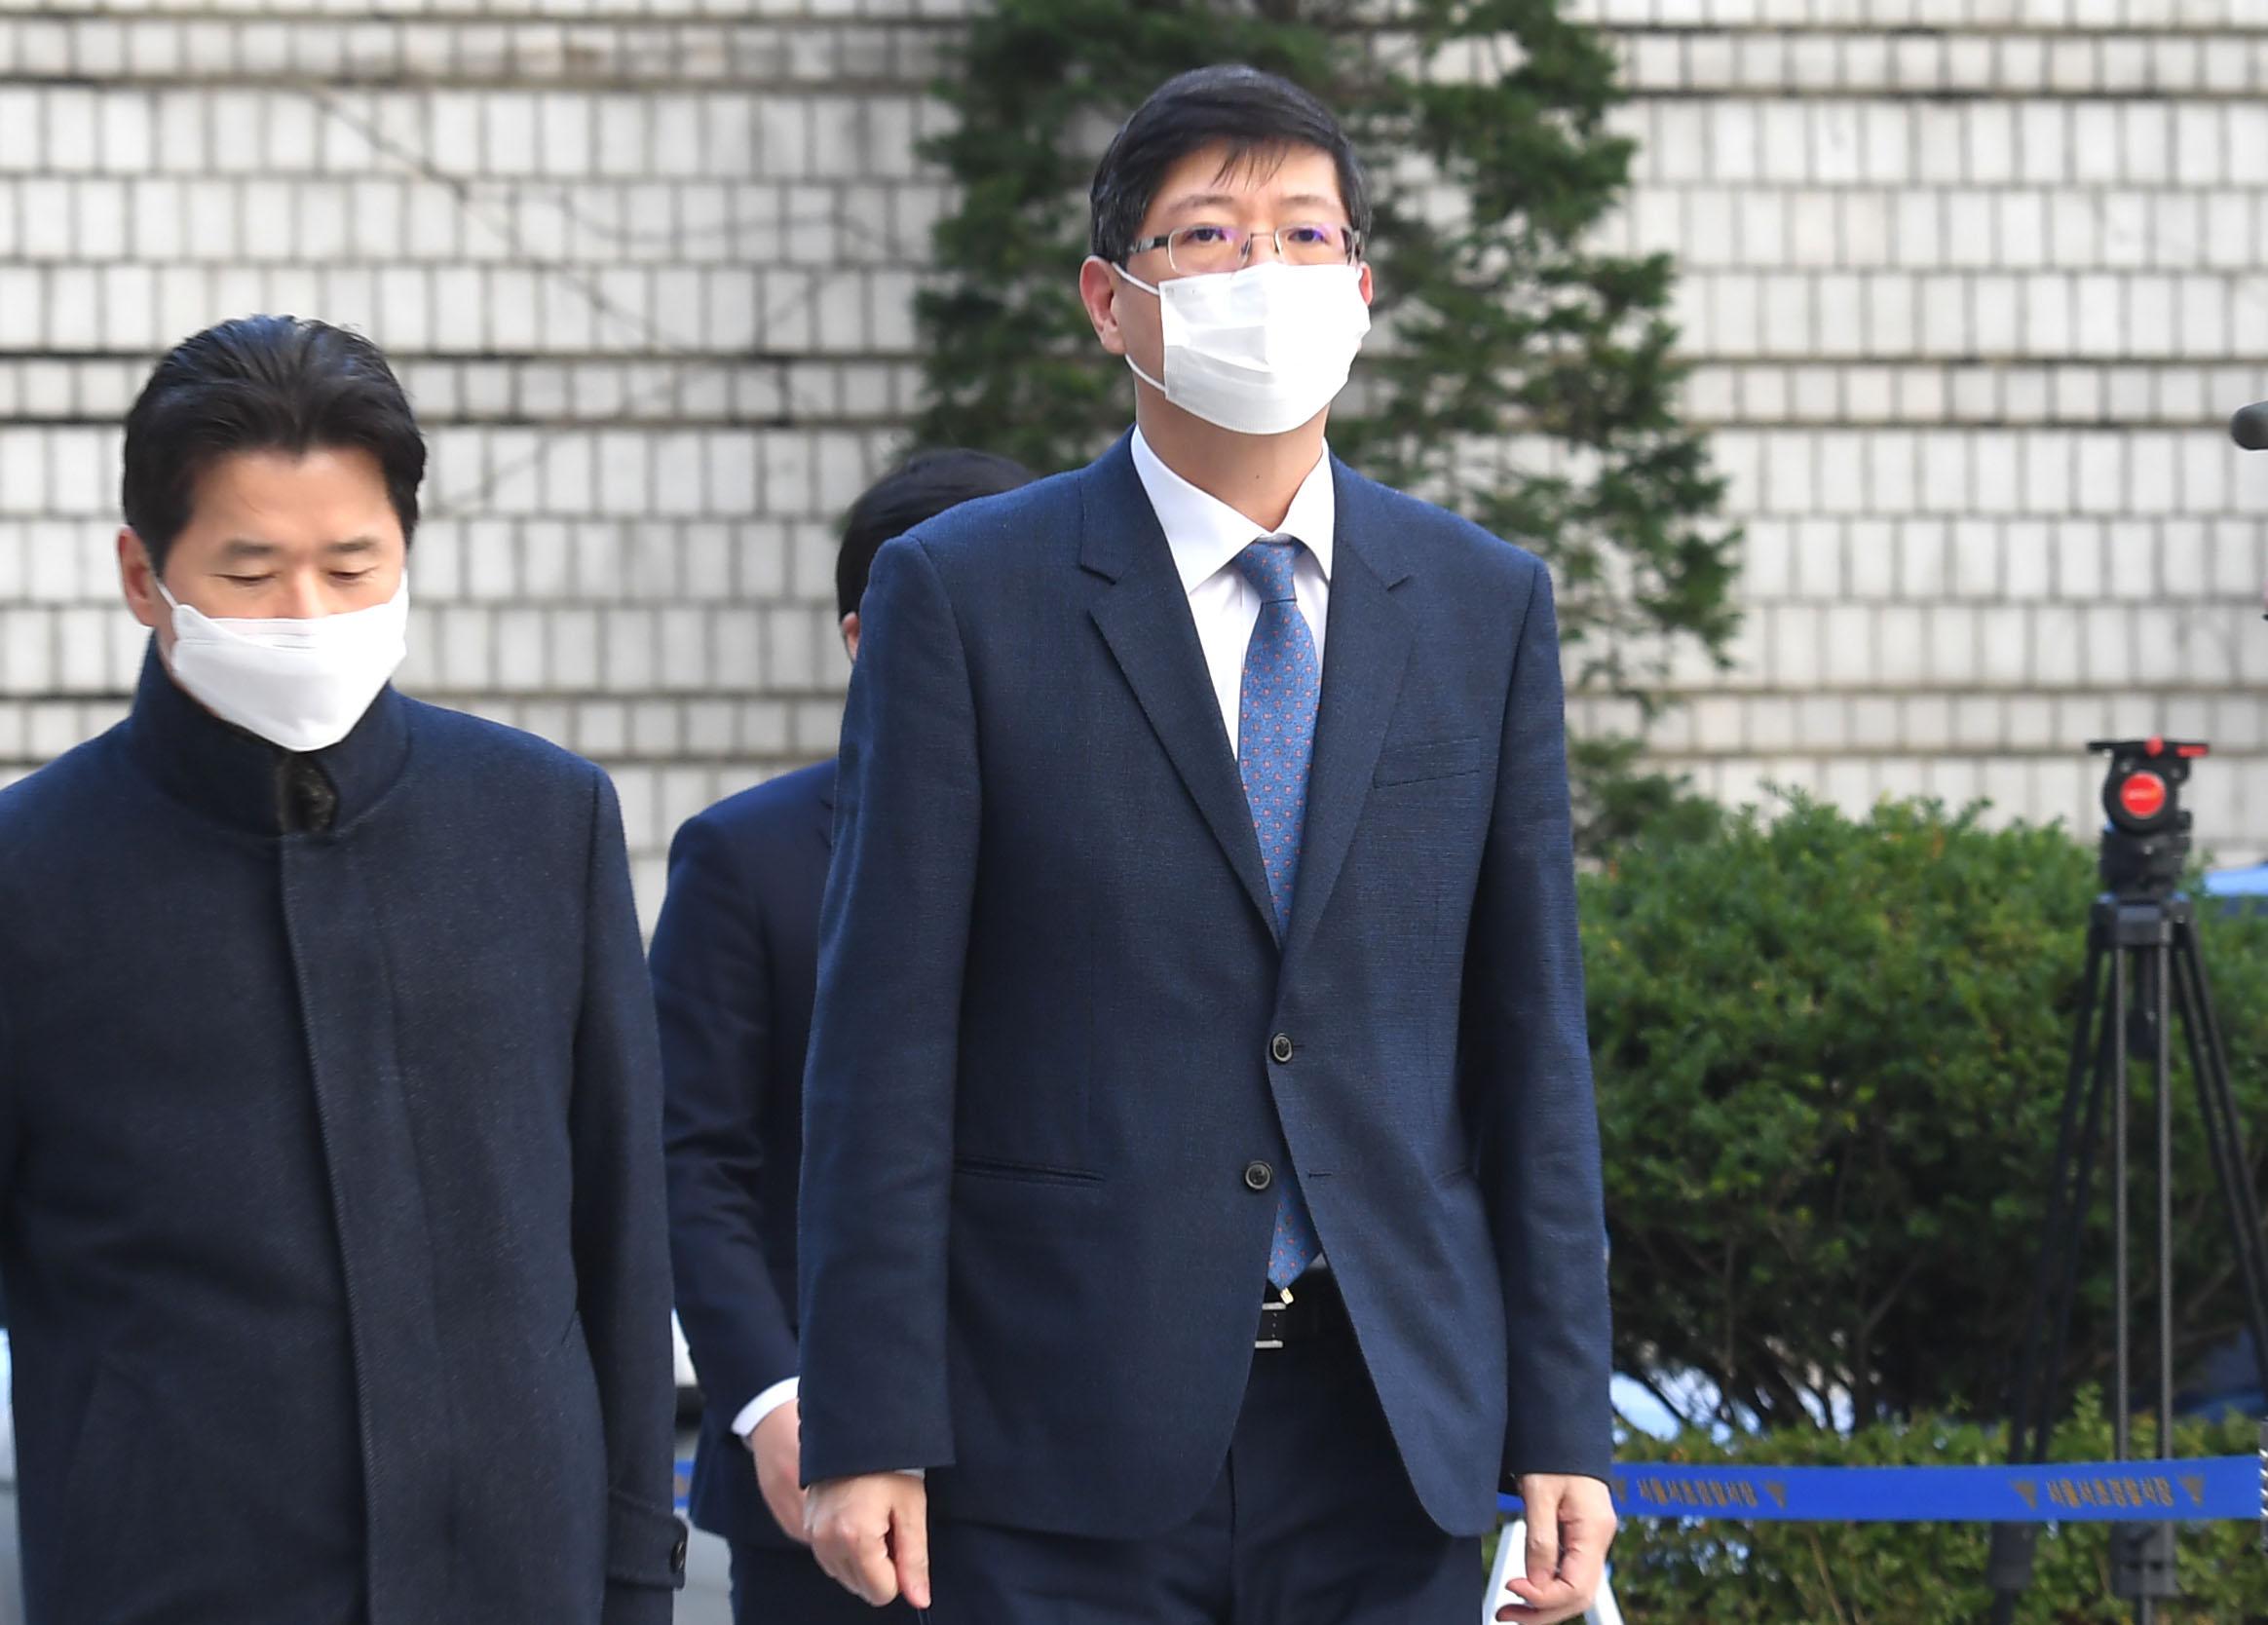 '재산 축소' 혐의 김홍걸 의원, 공직선거법 위반 첫 공판